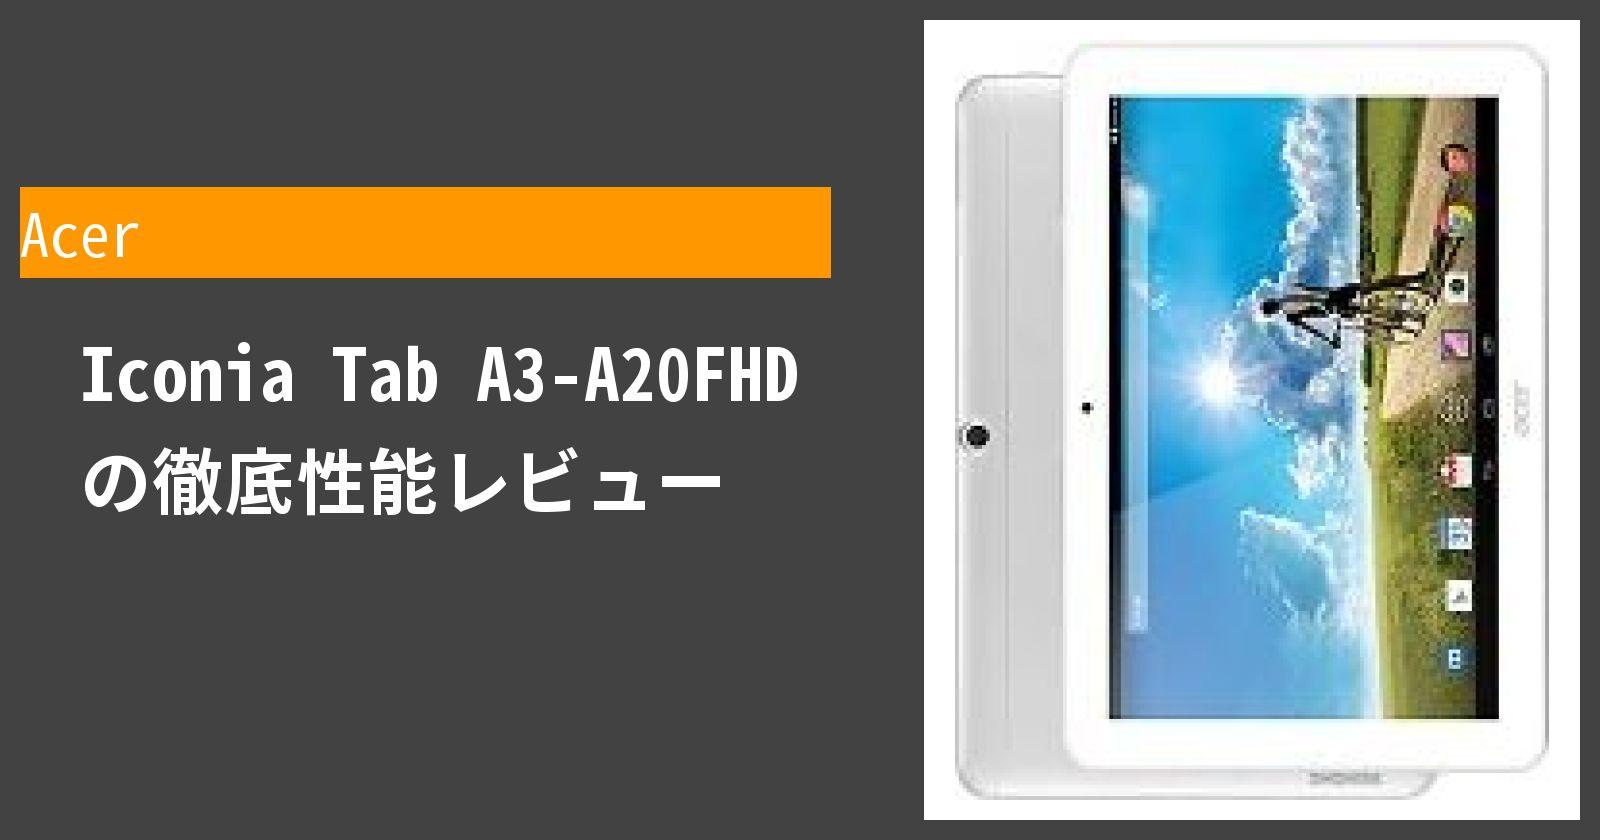 Acer Iconia Tab A3-A20FHD の徹底性能レビュー